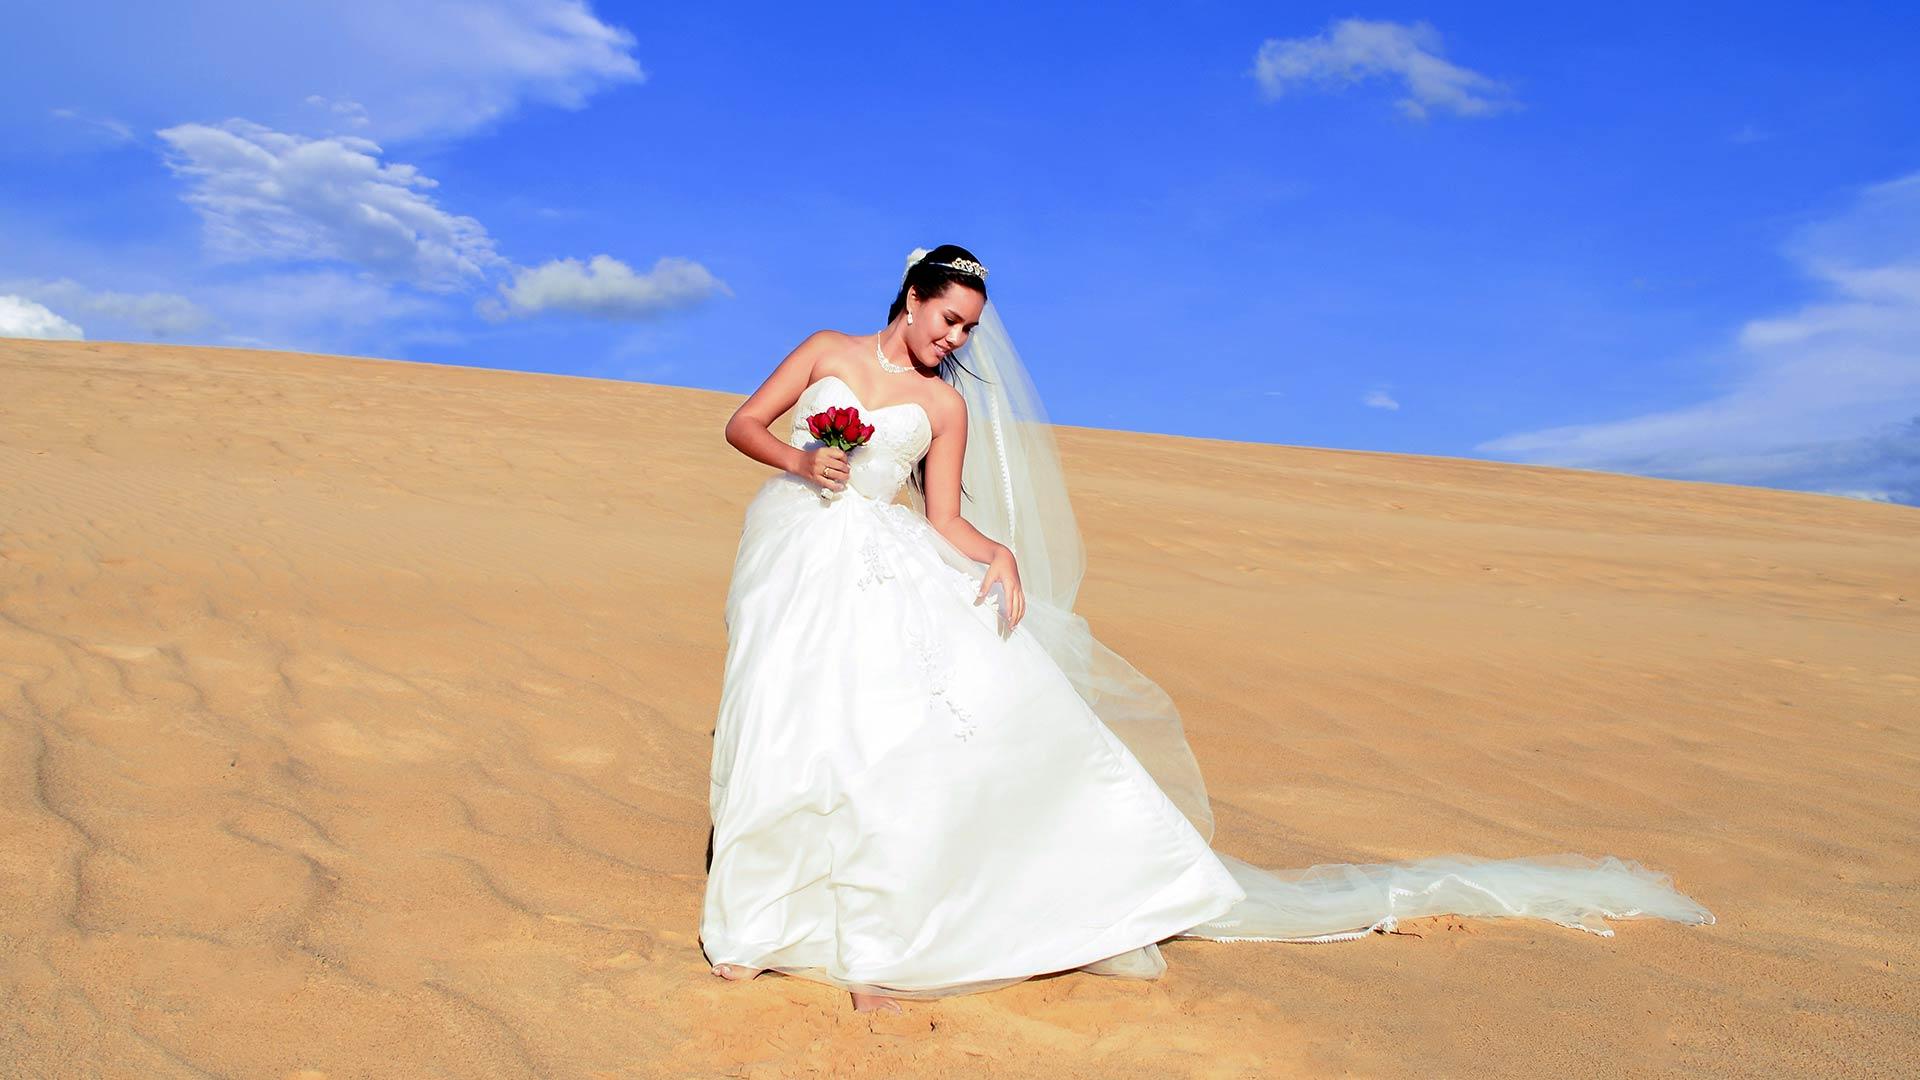 Romántico, Boda en el desierto. Marruecos